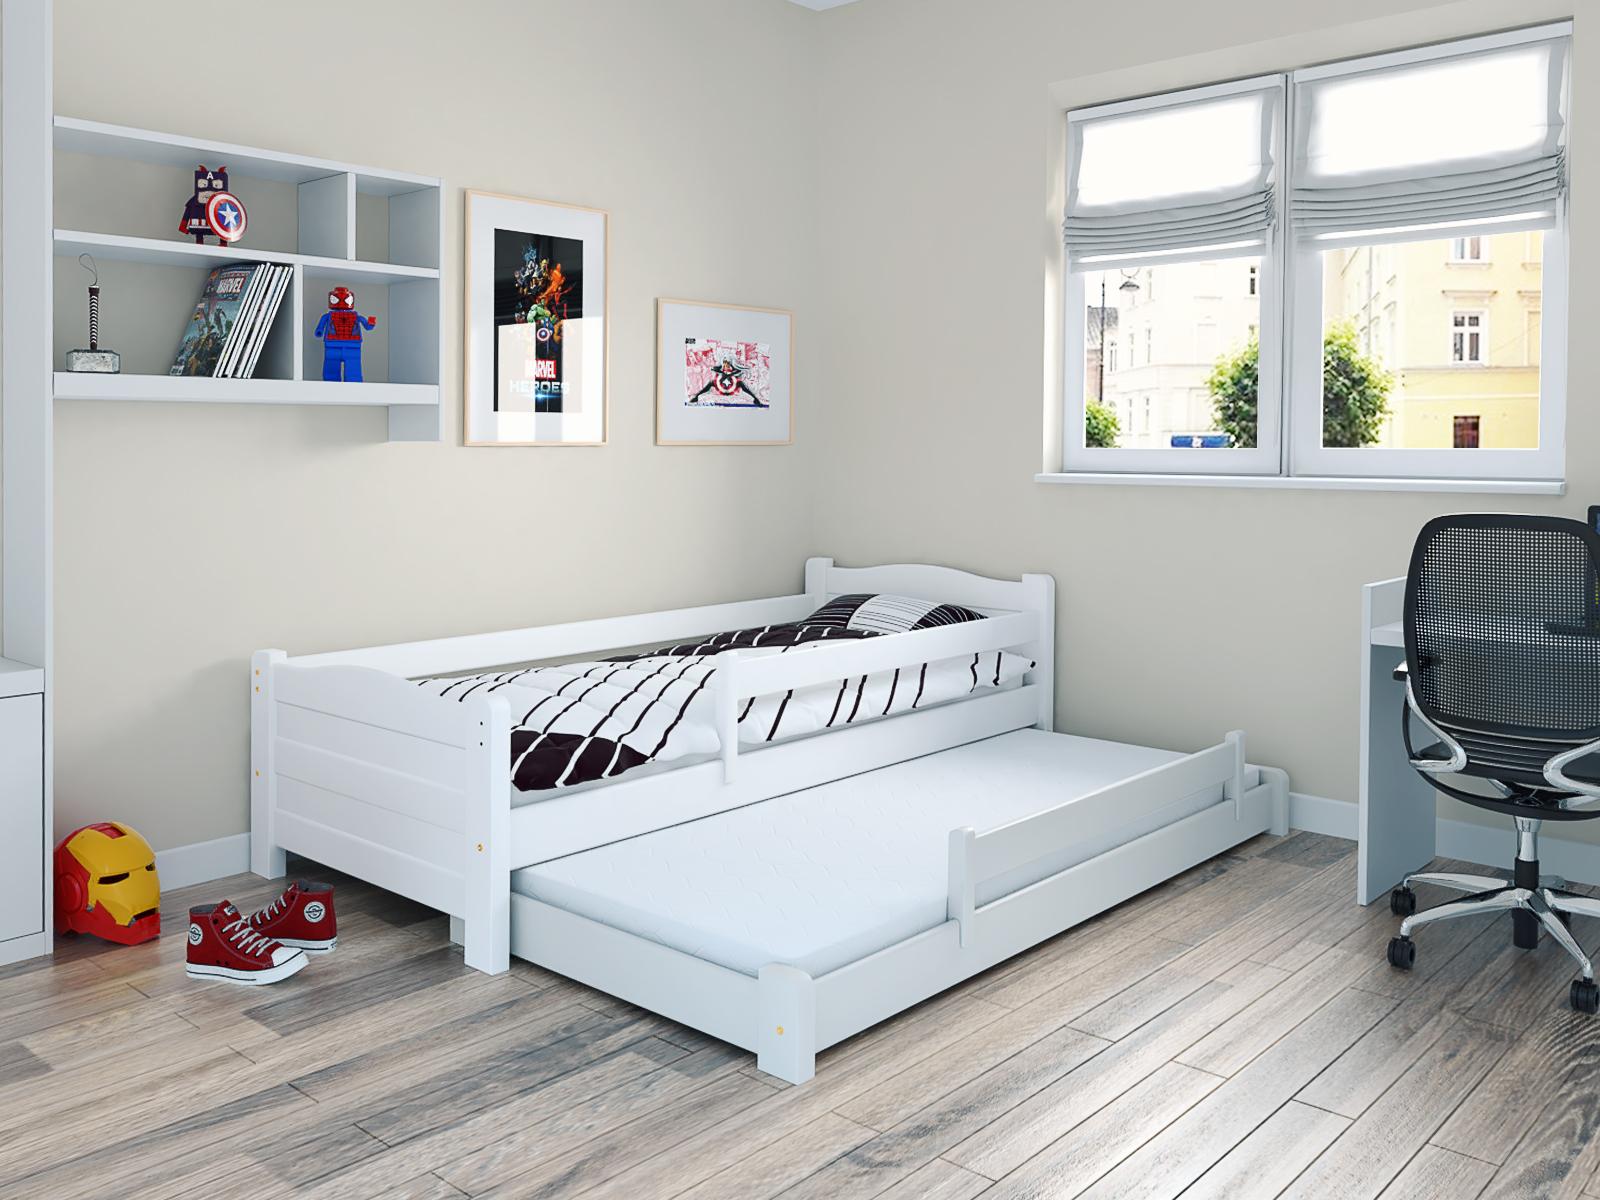 łóżka Dla Dzieci łóżka Młodzieżowe łóżka Wysuwane łóżka Z